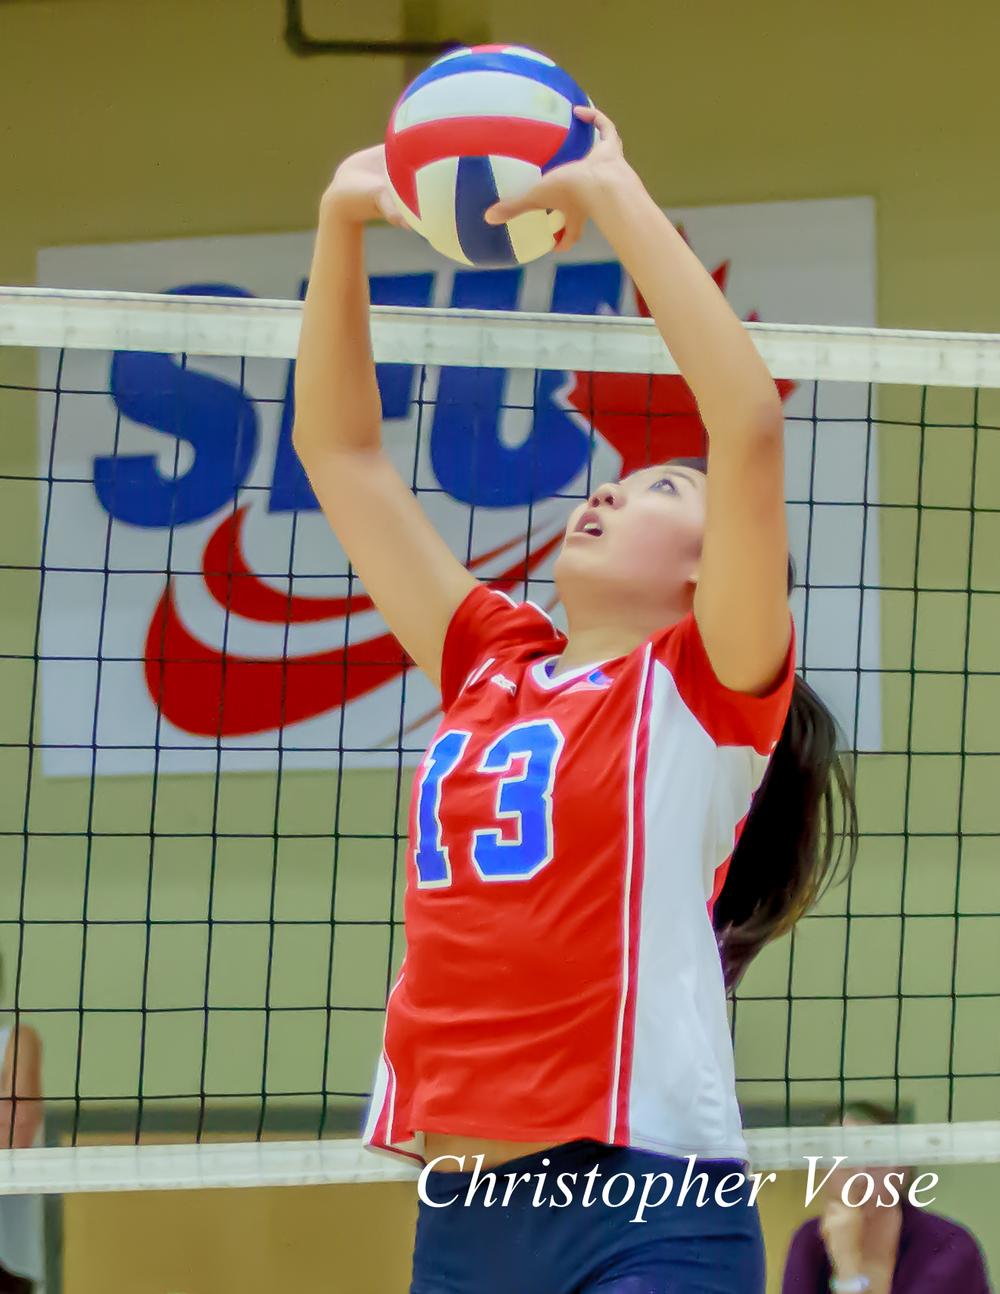 2012-10-13 Tamara Nipp 2.jpg